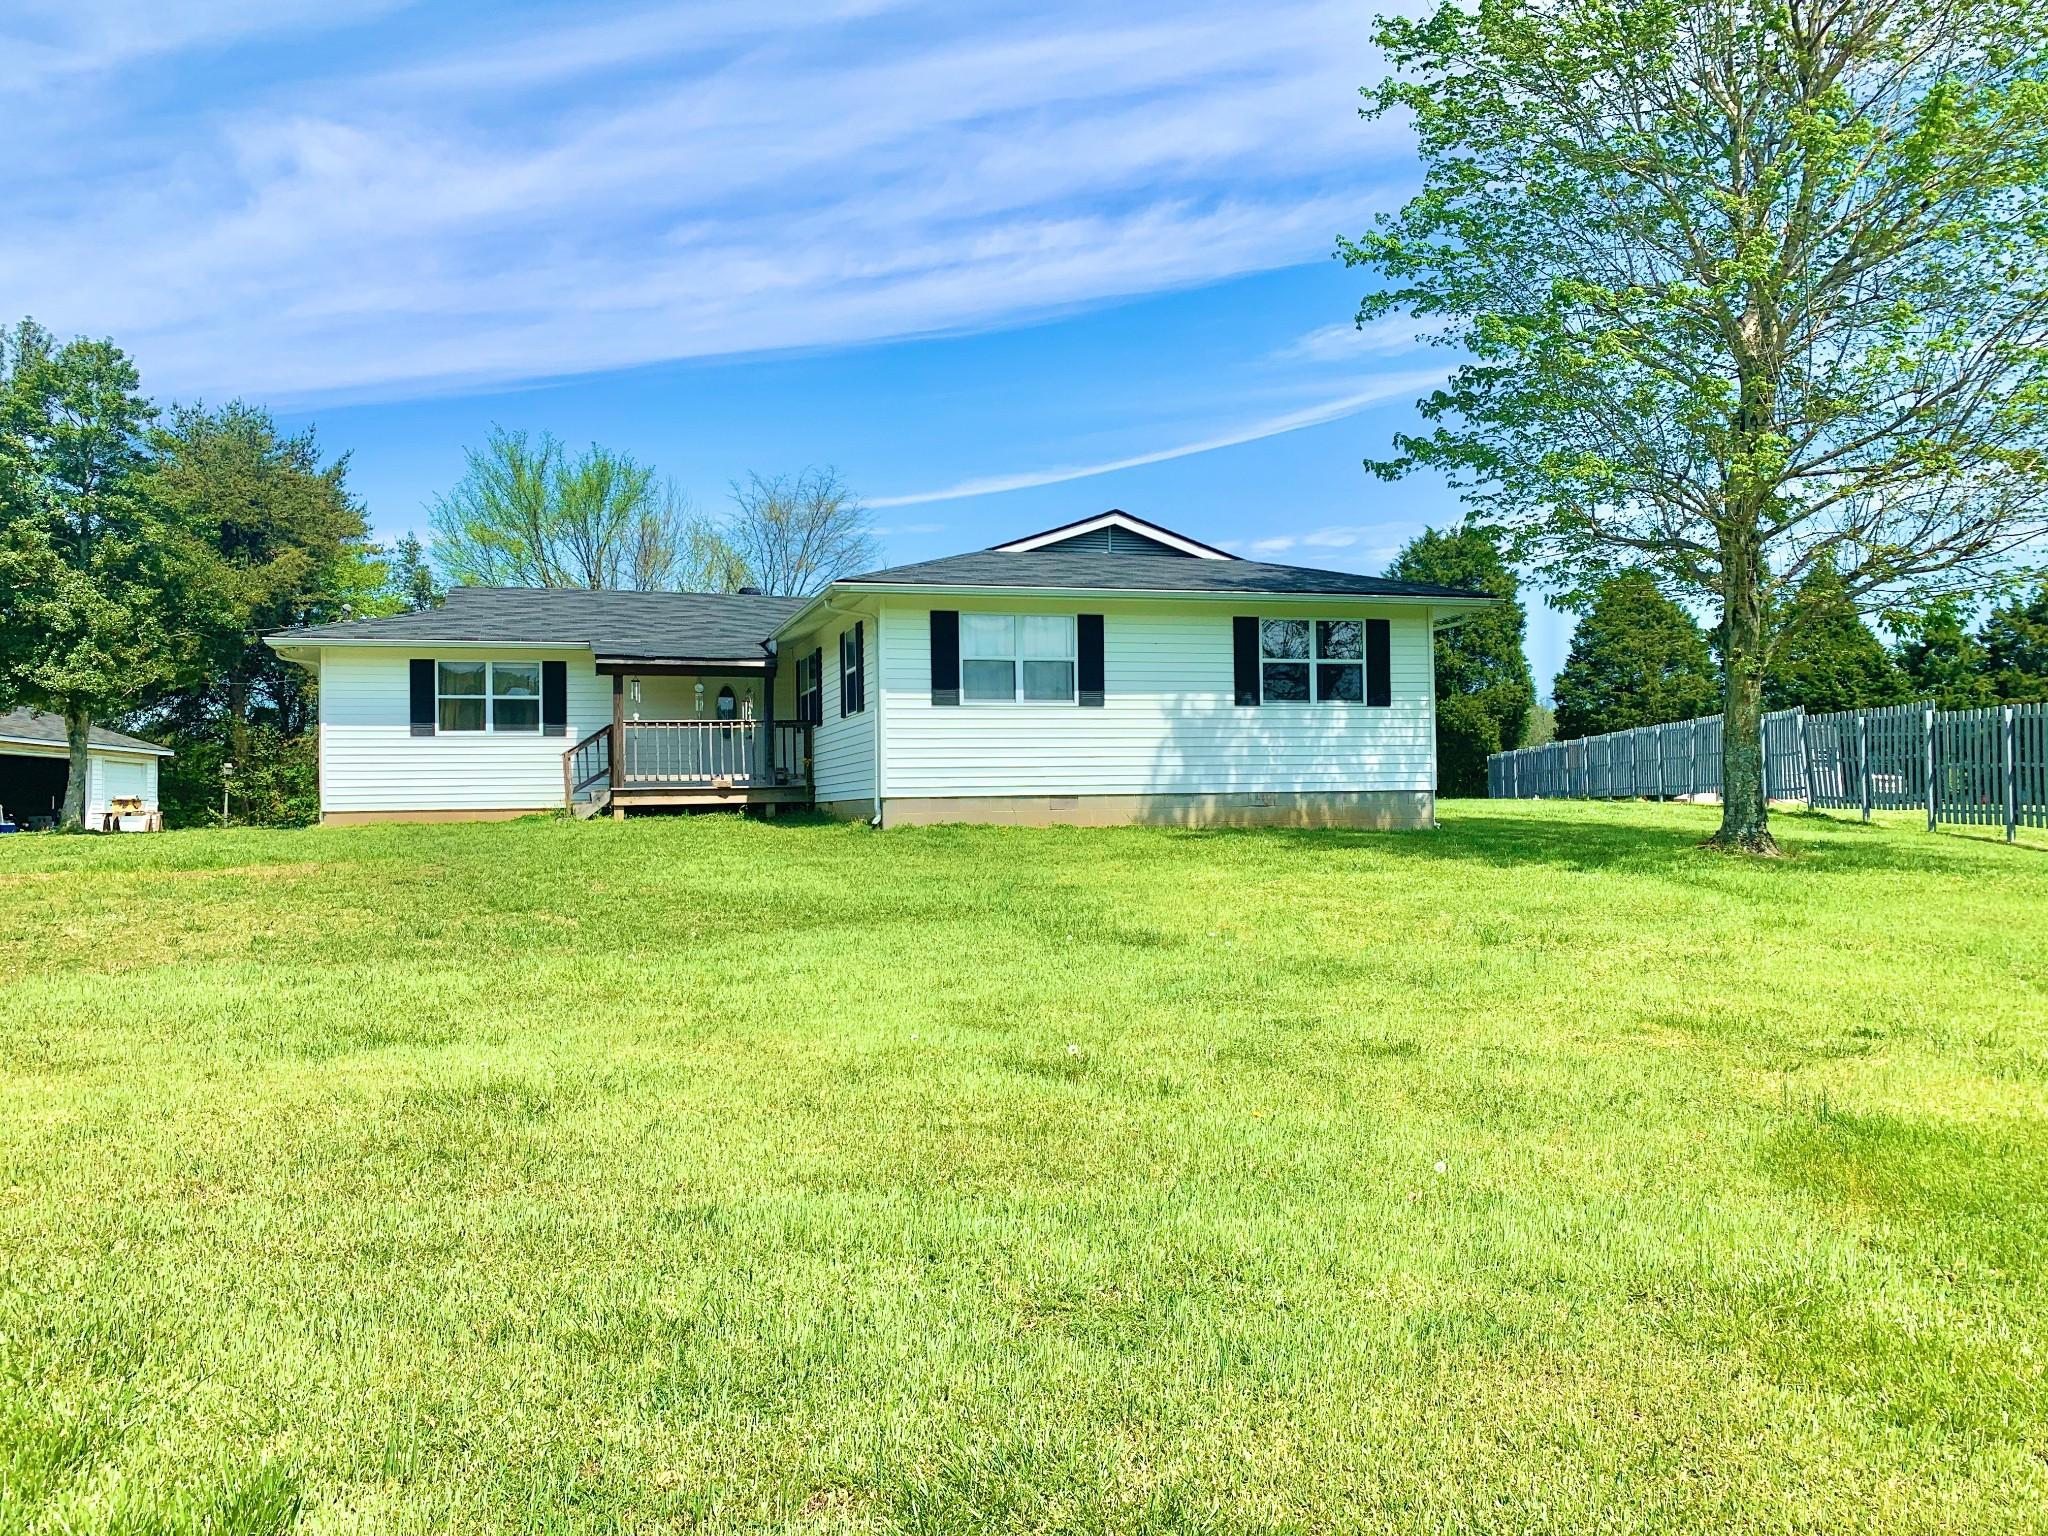 1451 Poplar Ridge Ln, Chapmansboro, TN 37035 - Chapmansboro, TN real estate listing